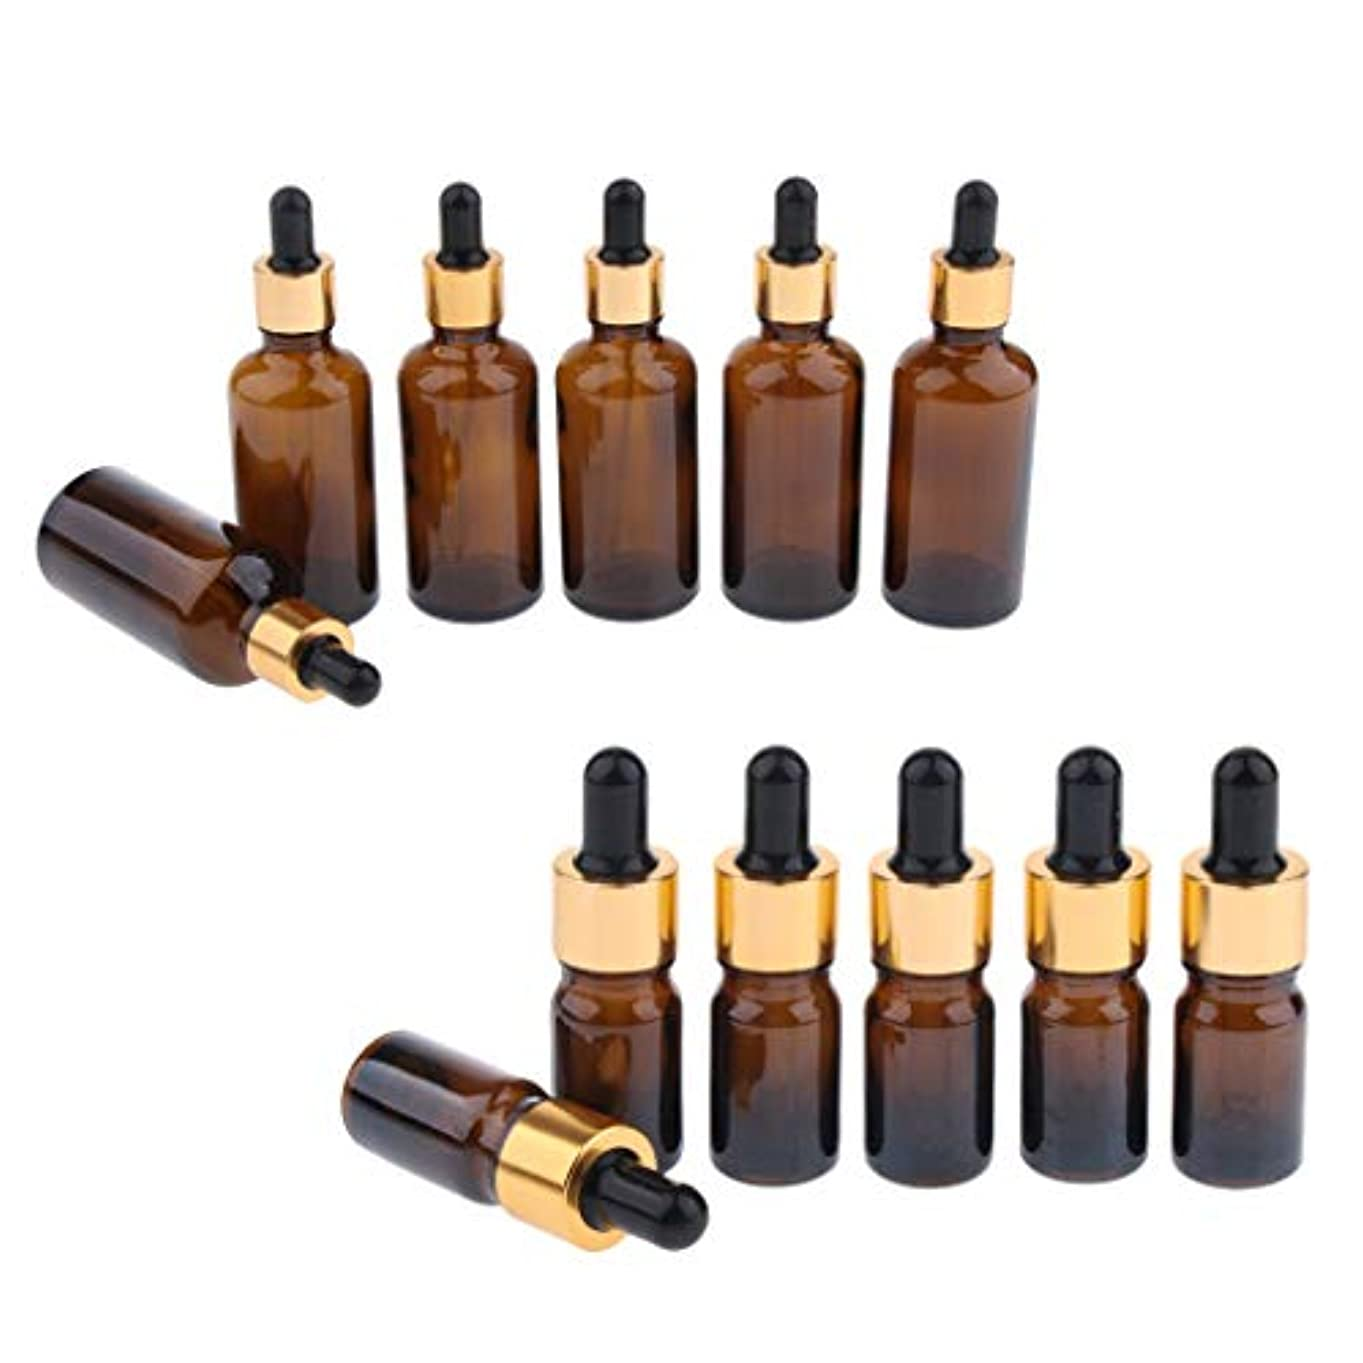 産地化粧うんドロッパーボトル エッセンシャルオイル 化粧品 液体 ガラス瓶 詰め替え可 スポイトボトル 12個入